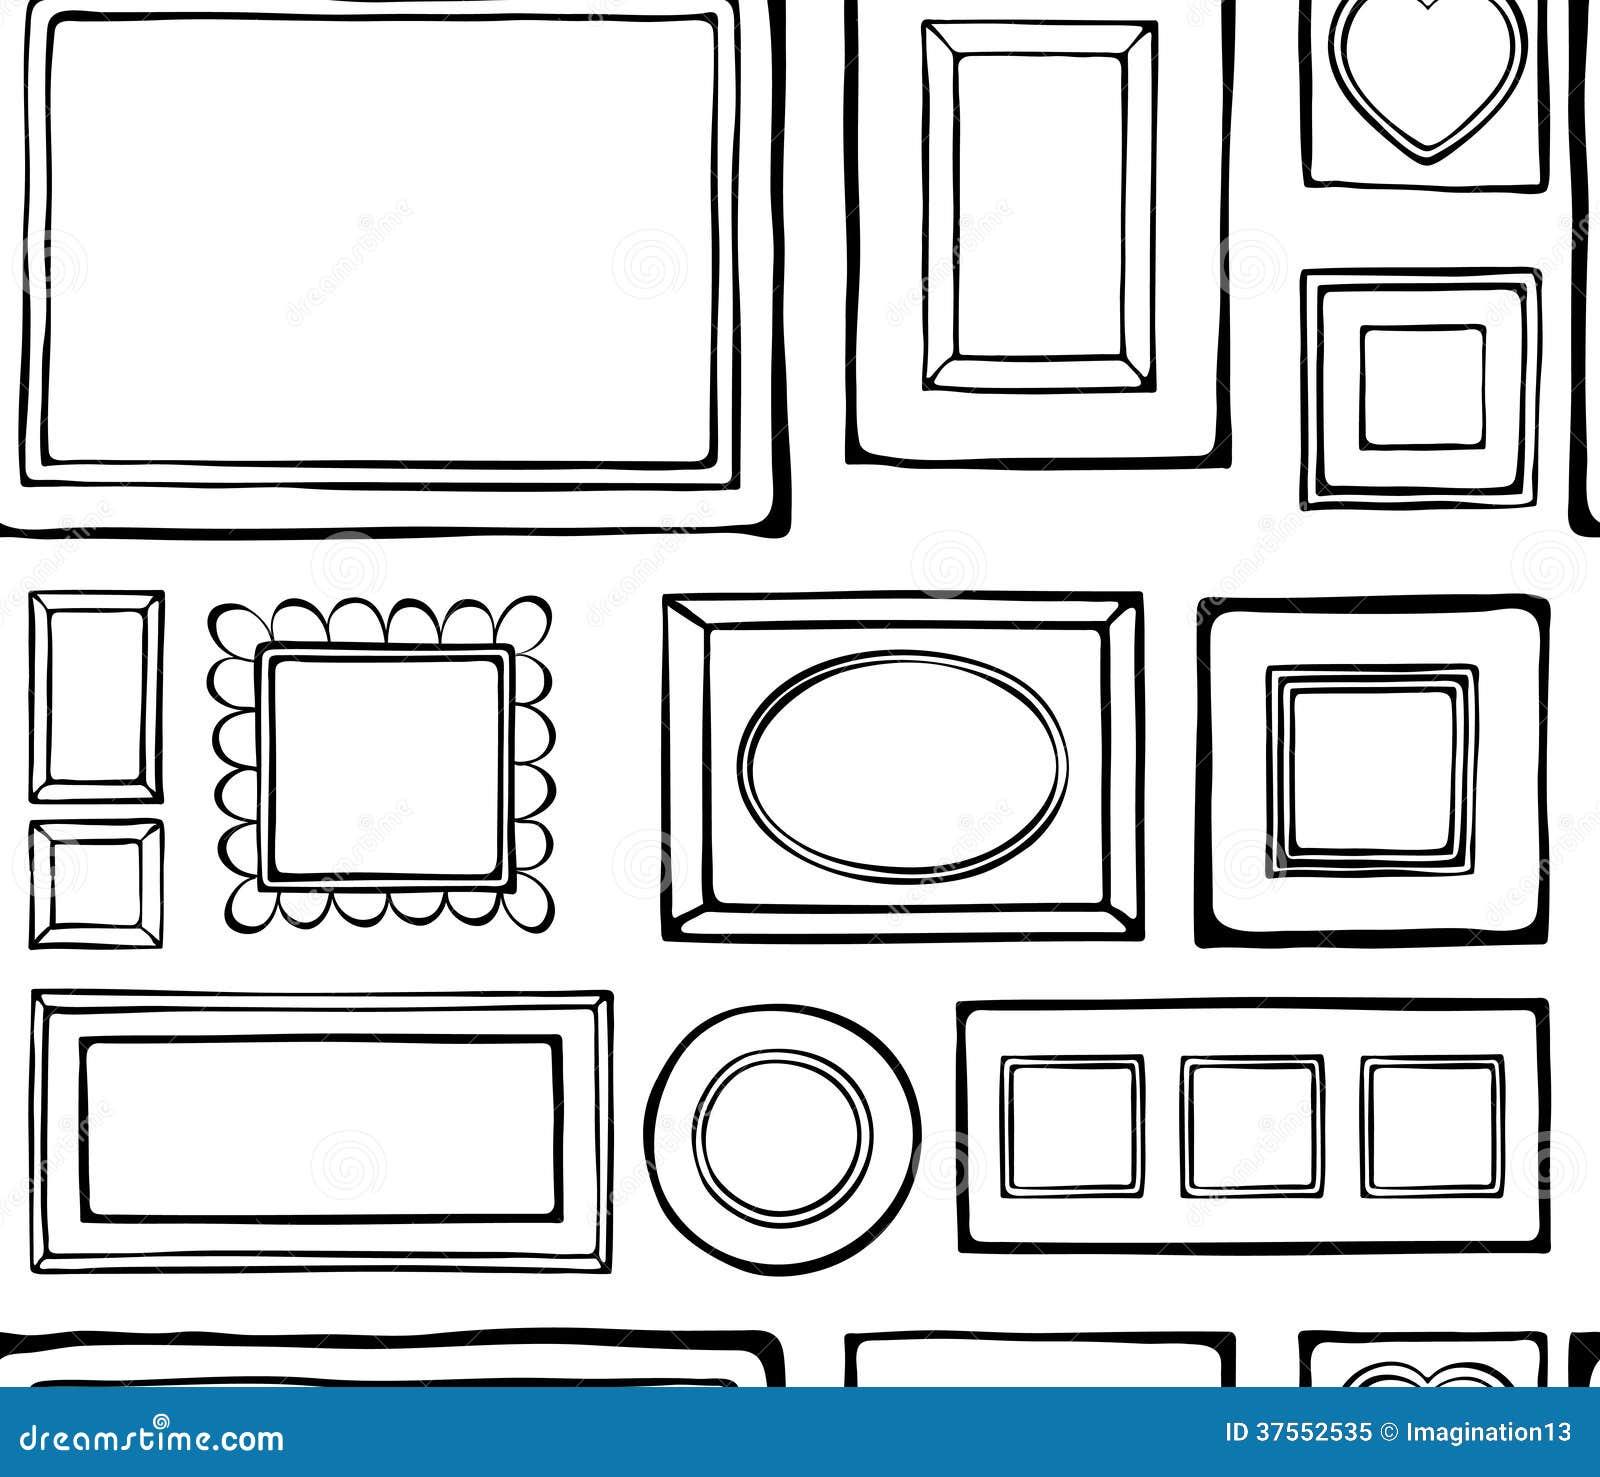 tapete bilderrahmen und malereien lizenzfreies stockfoto bild 37552535. Black Bedroom Furniture Sets. Home Design Ideas